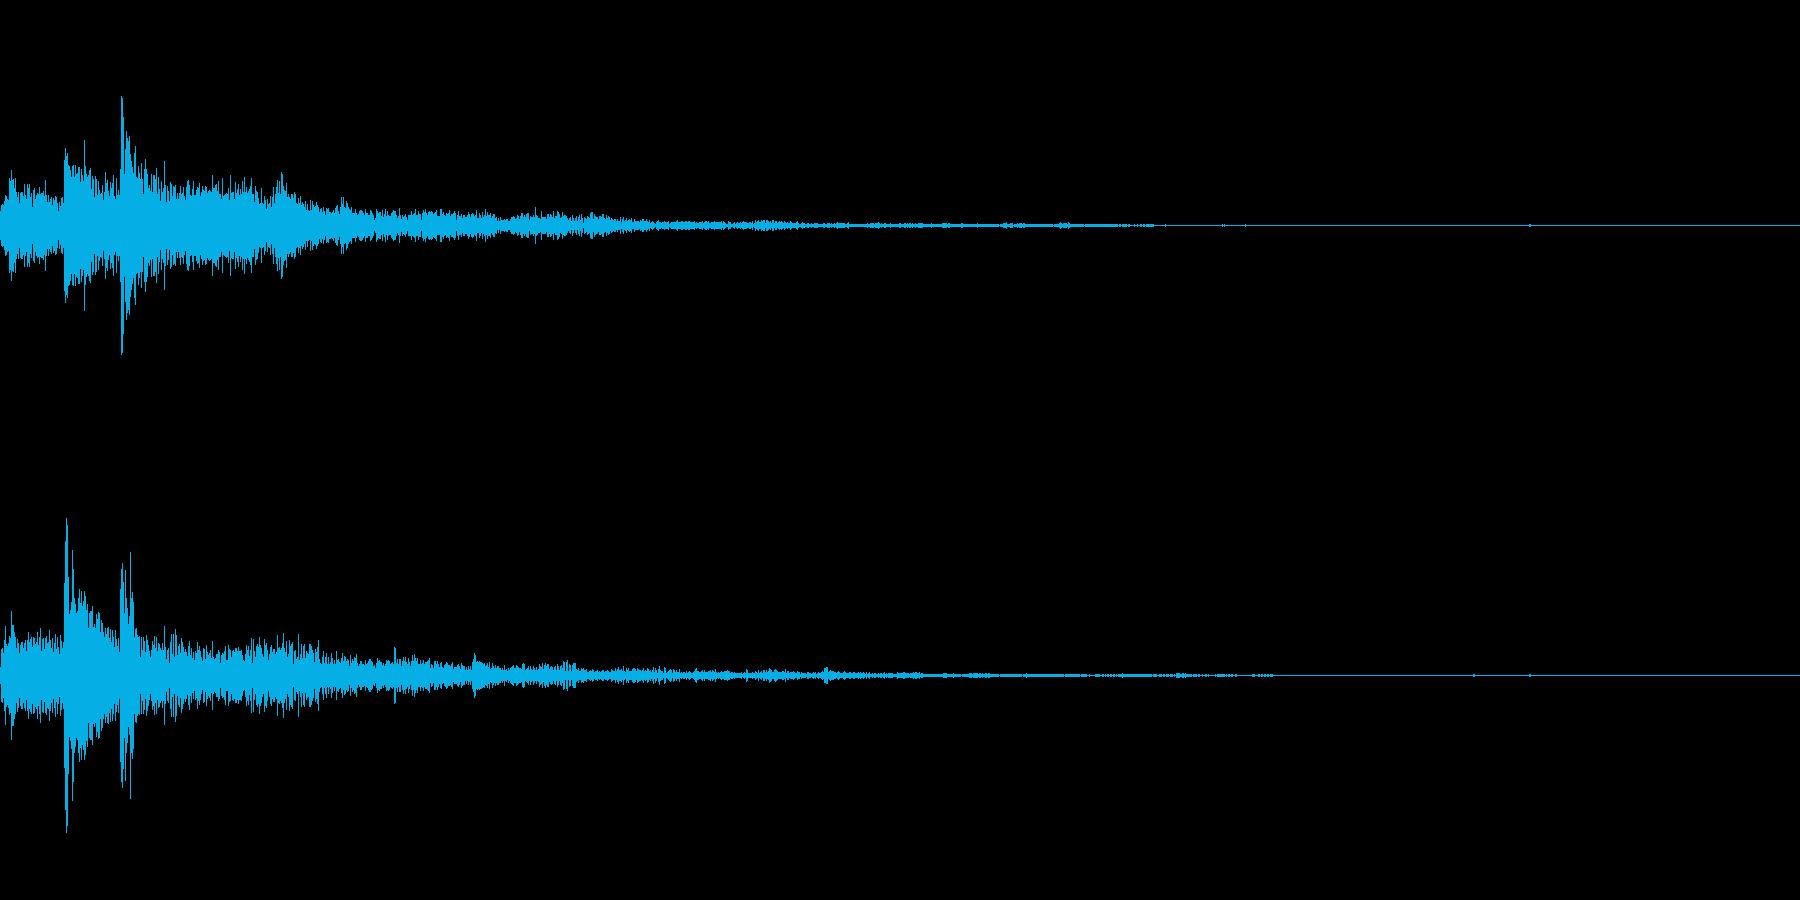 ぽろん♪(連鎖03)の再生済みの波形